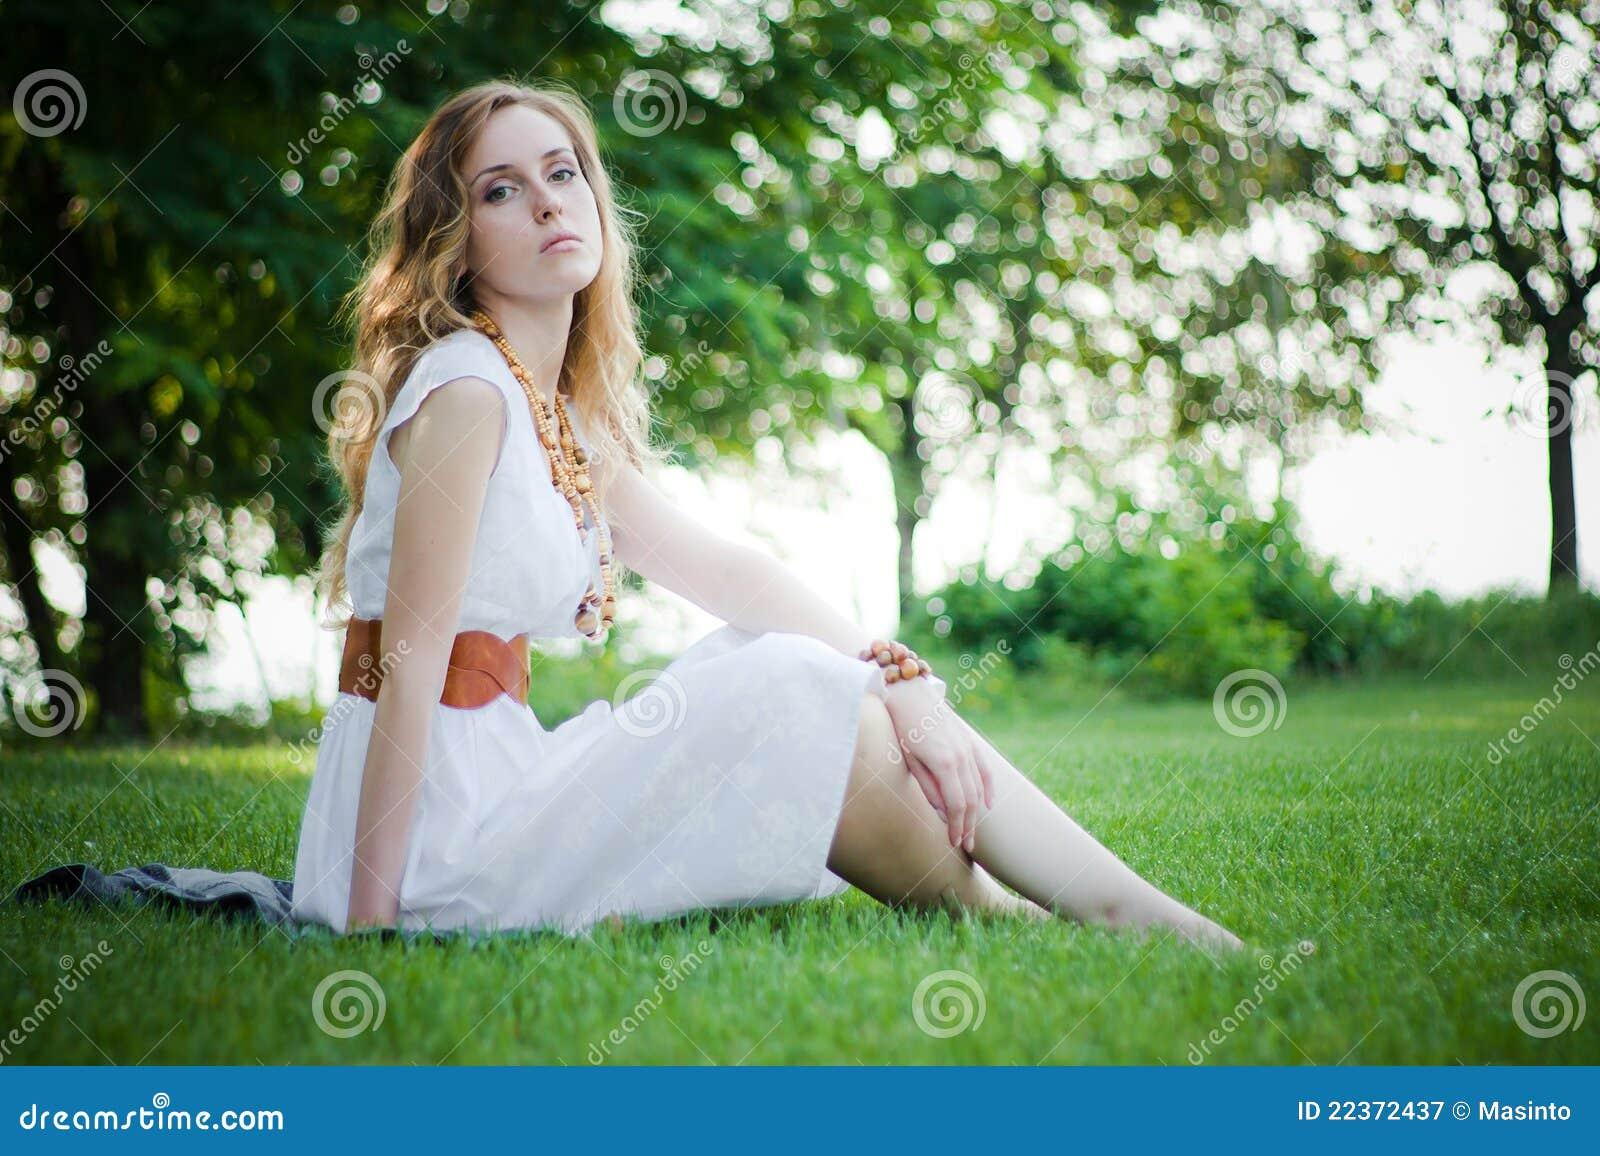 Hübsches Mädchen sitzt auf dem Gras